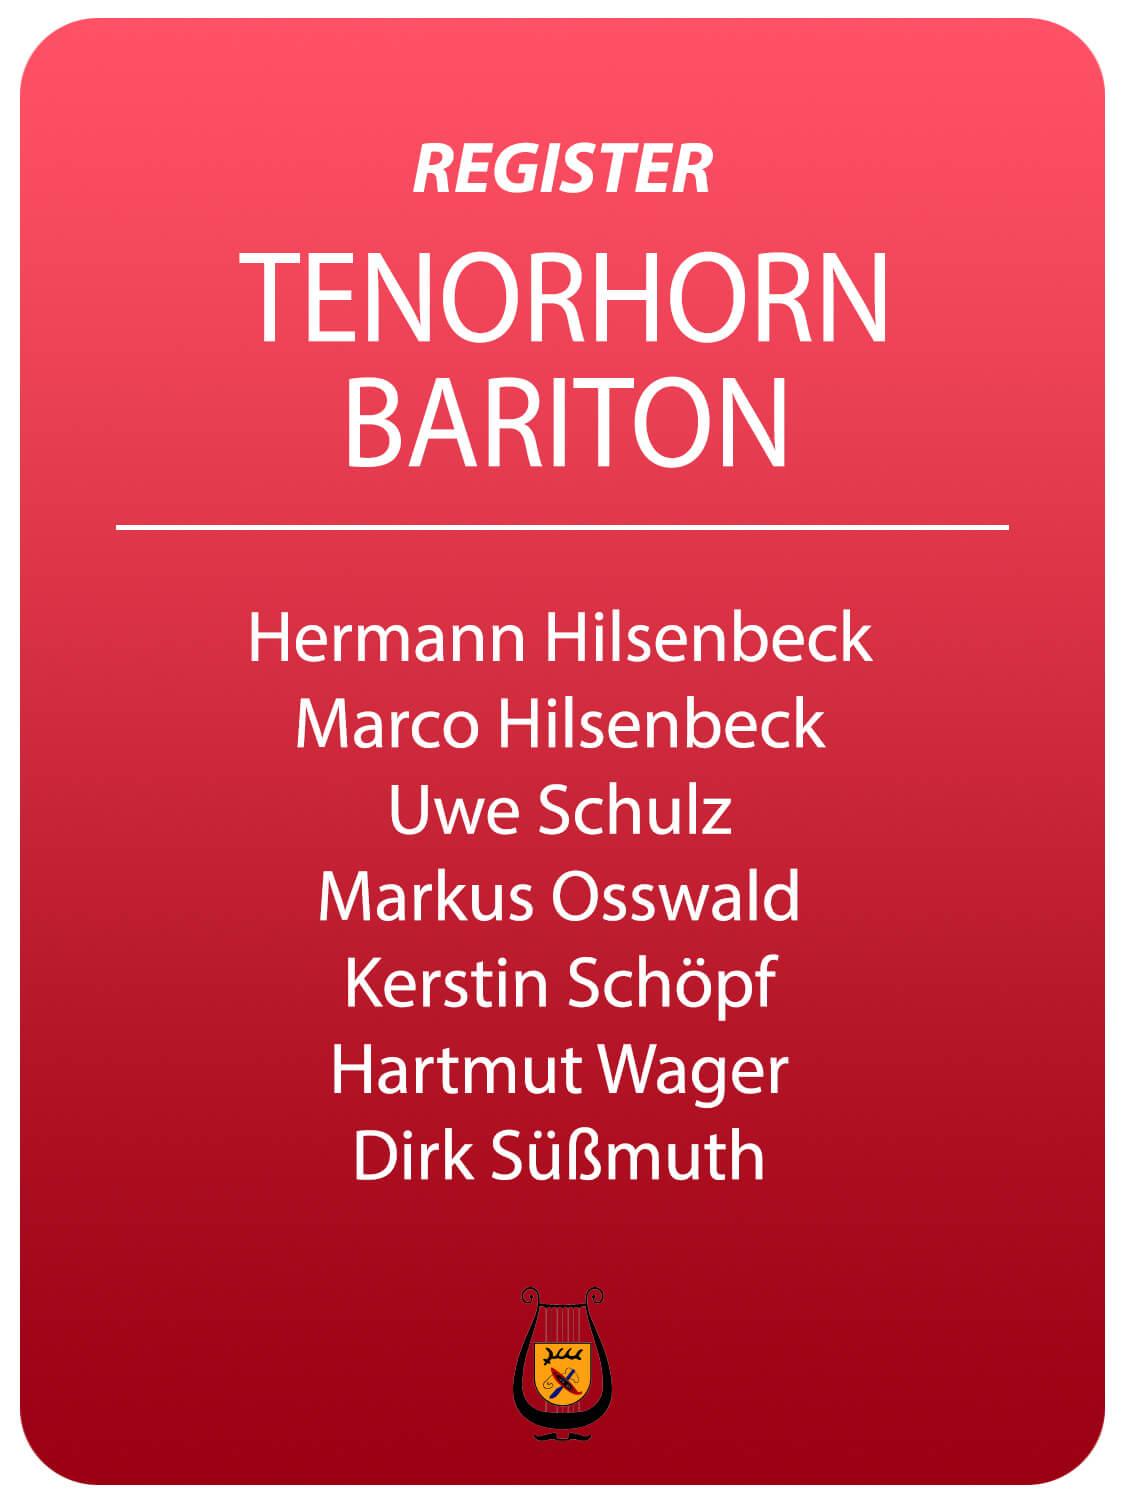 Bariton Tenorhorn